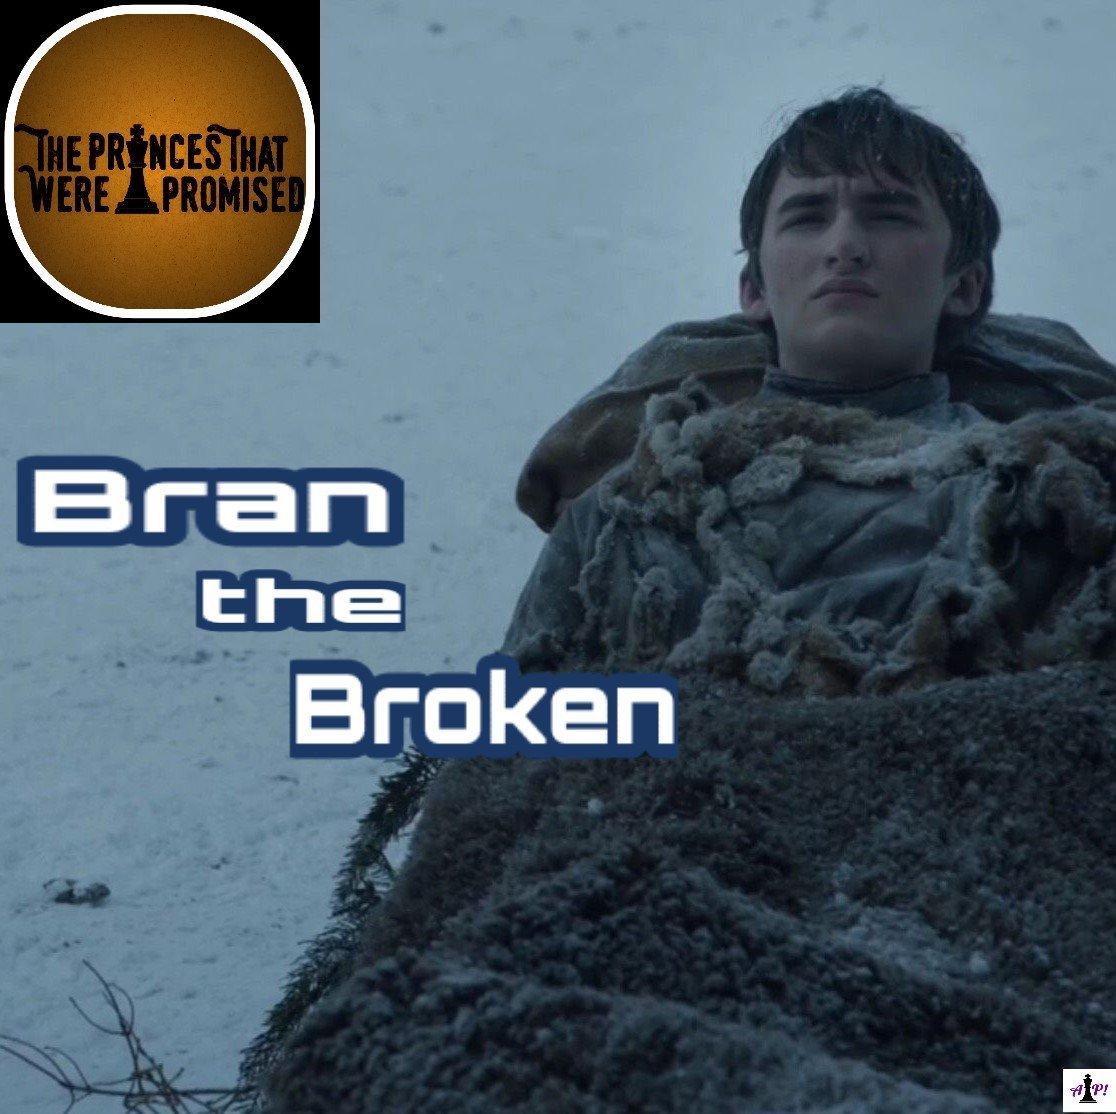 Bran the Broken (303)